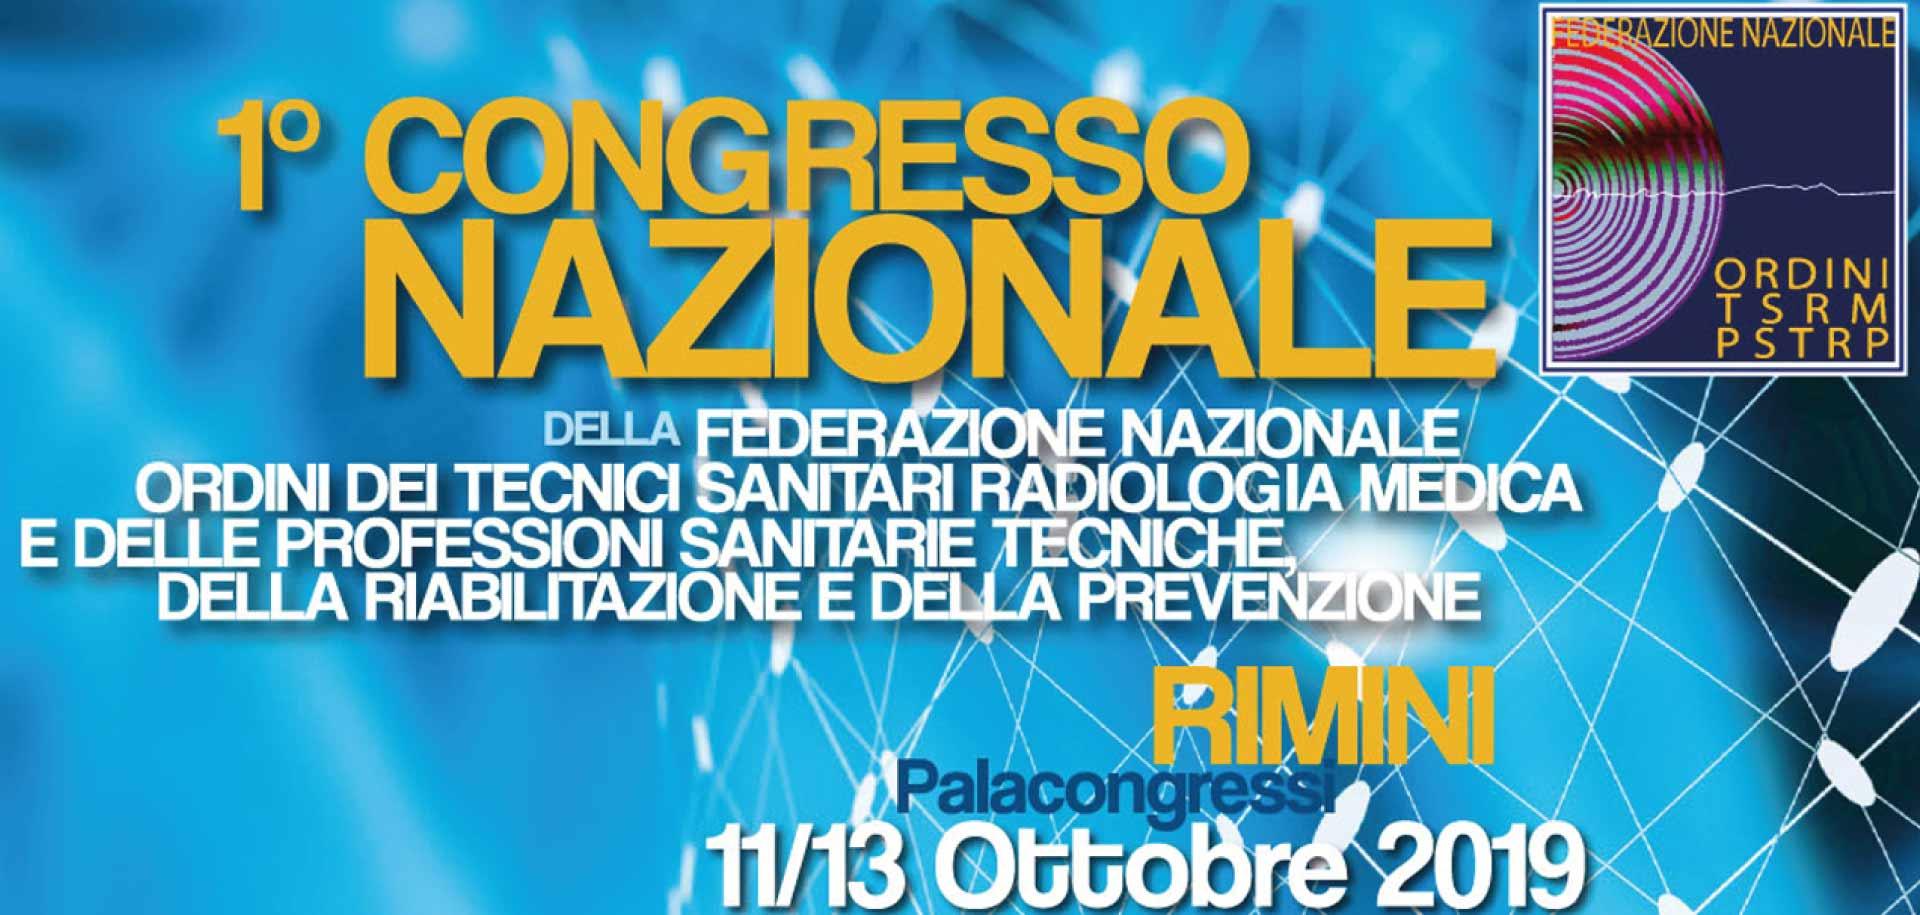 1° Congresso nazionale della FNO TSRM PSTR 11 -13 Ottobre 2019 a Rimini